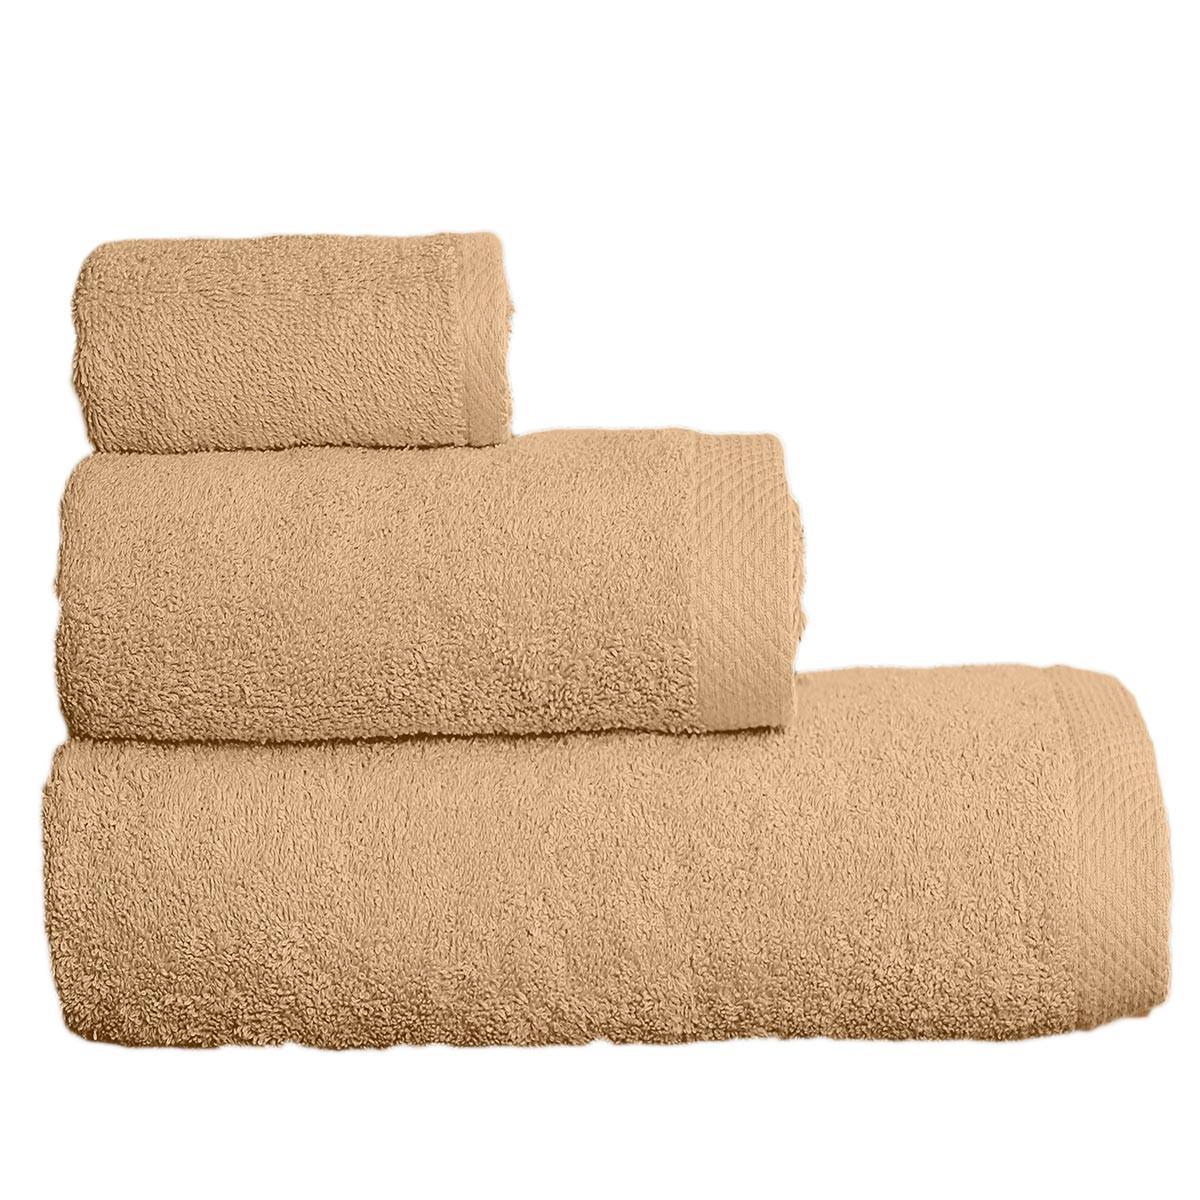 Πετσέτες Μπάνιου (Σετ 3τμχ) Maison Blanche 866099 Μπεζ